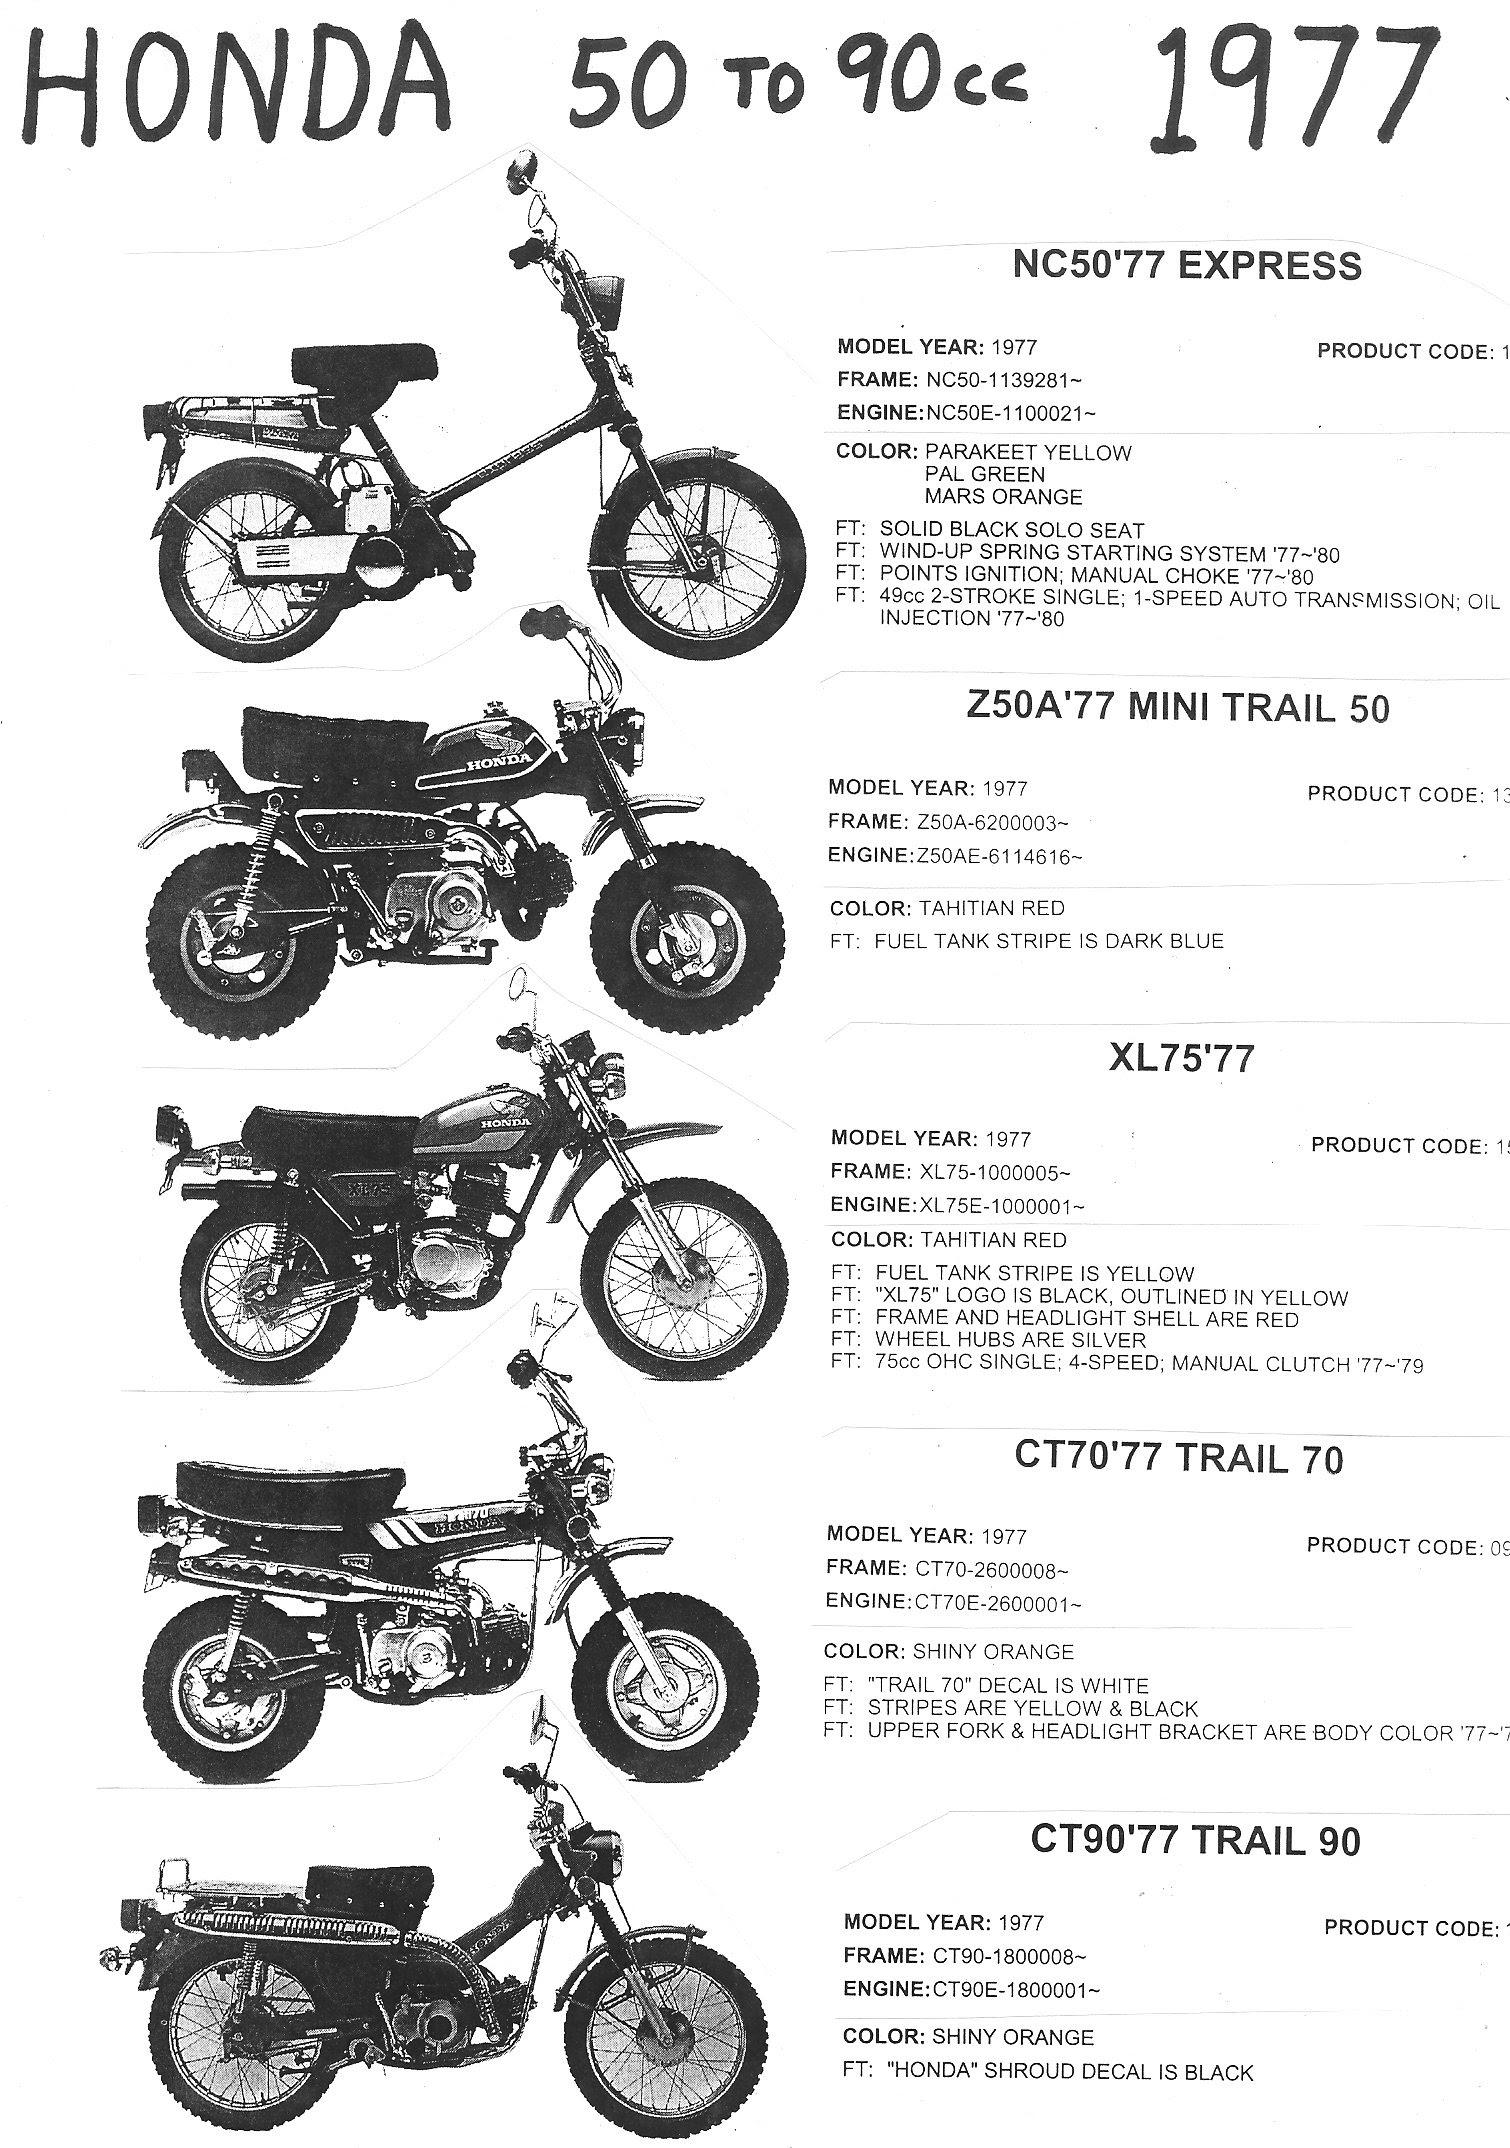 79c1ef8 1968 Honda 90 Wiring Diagram Wiring Resources